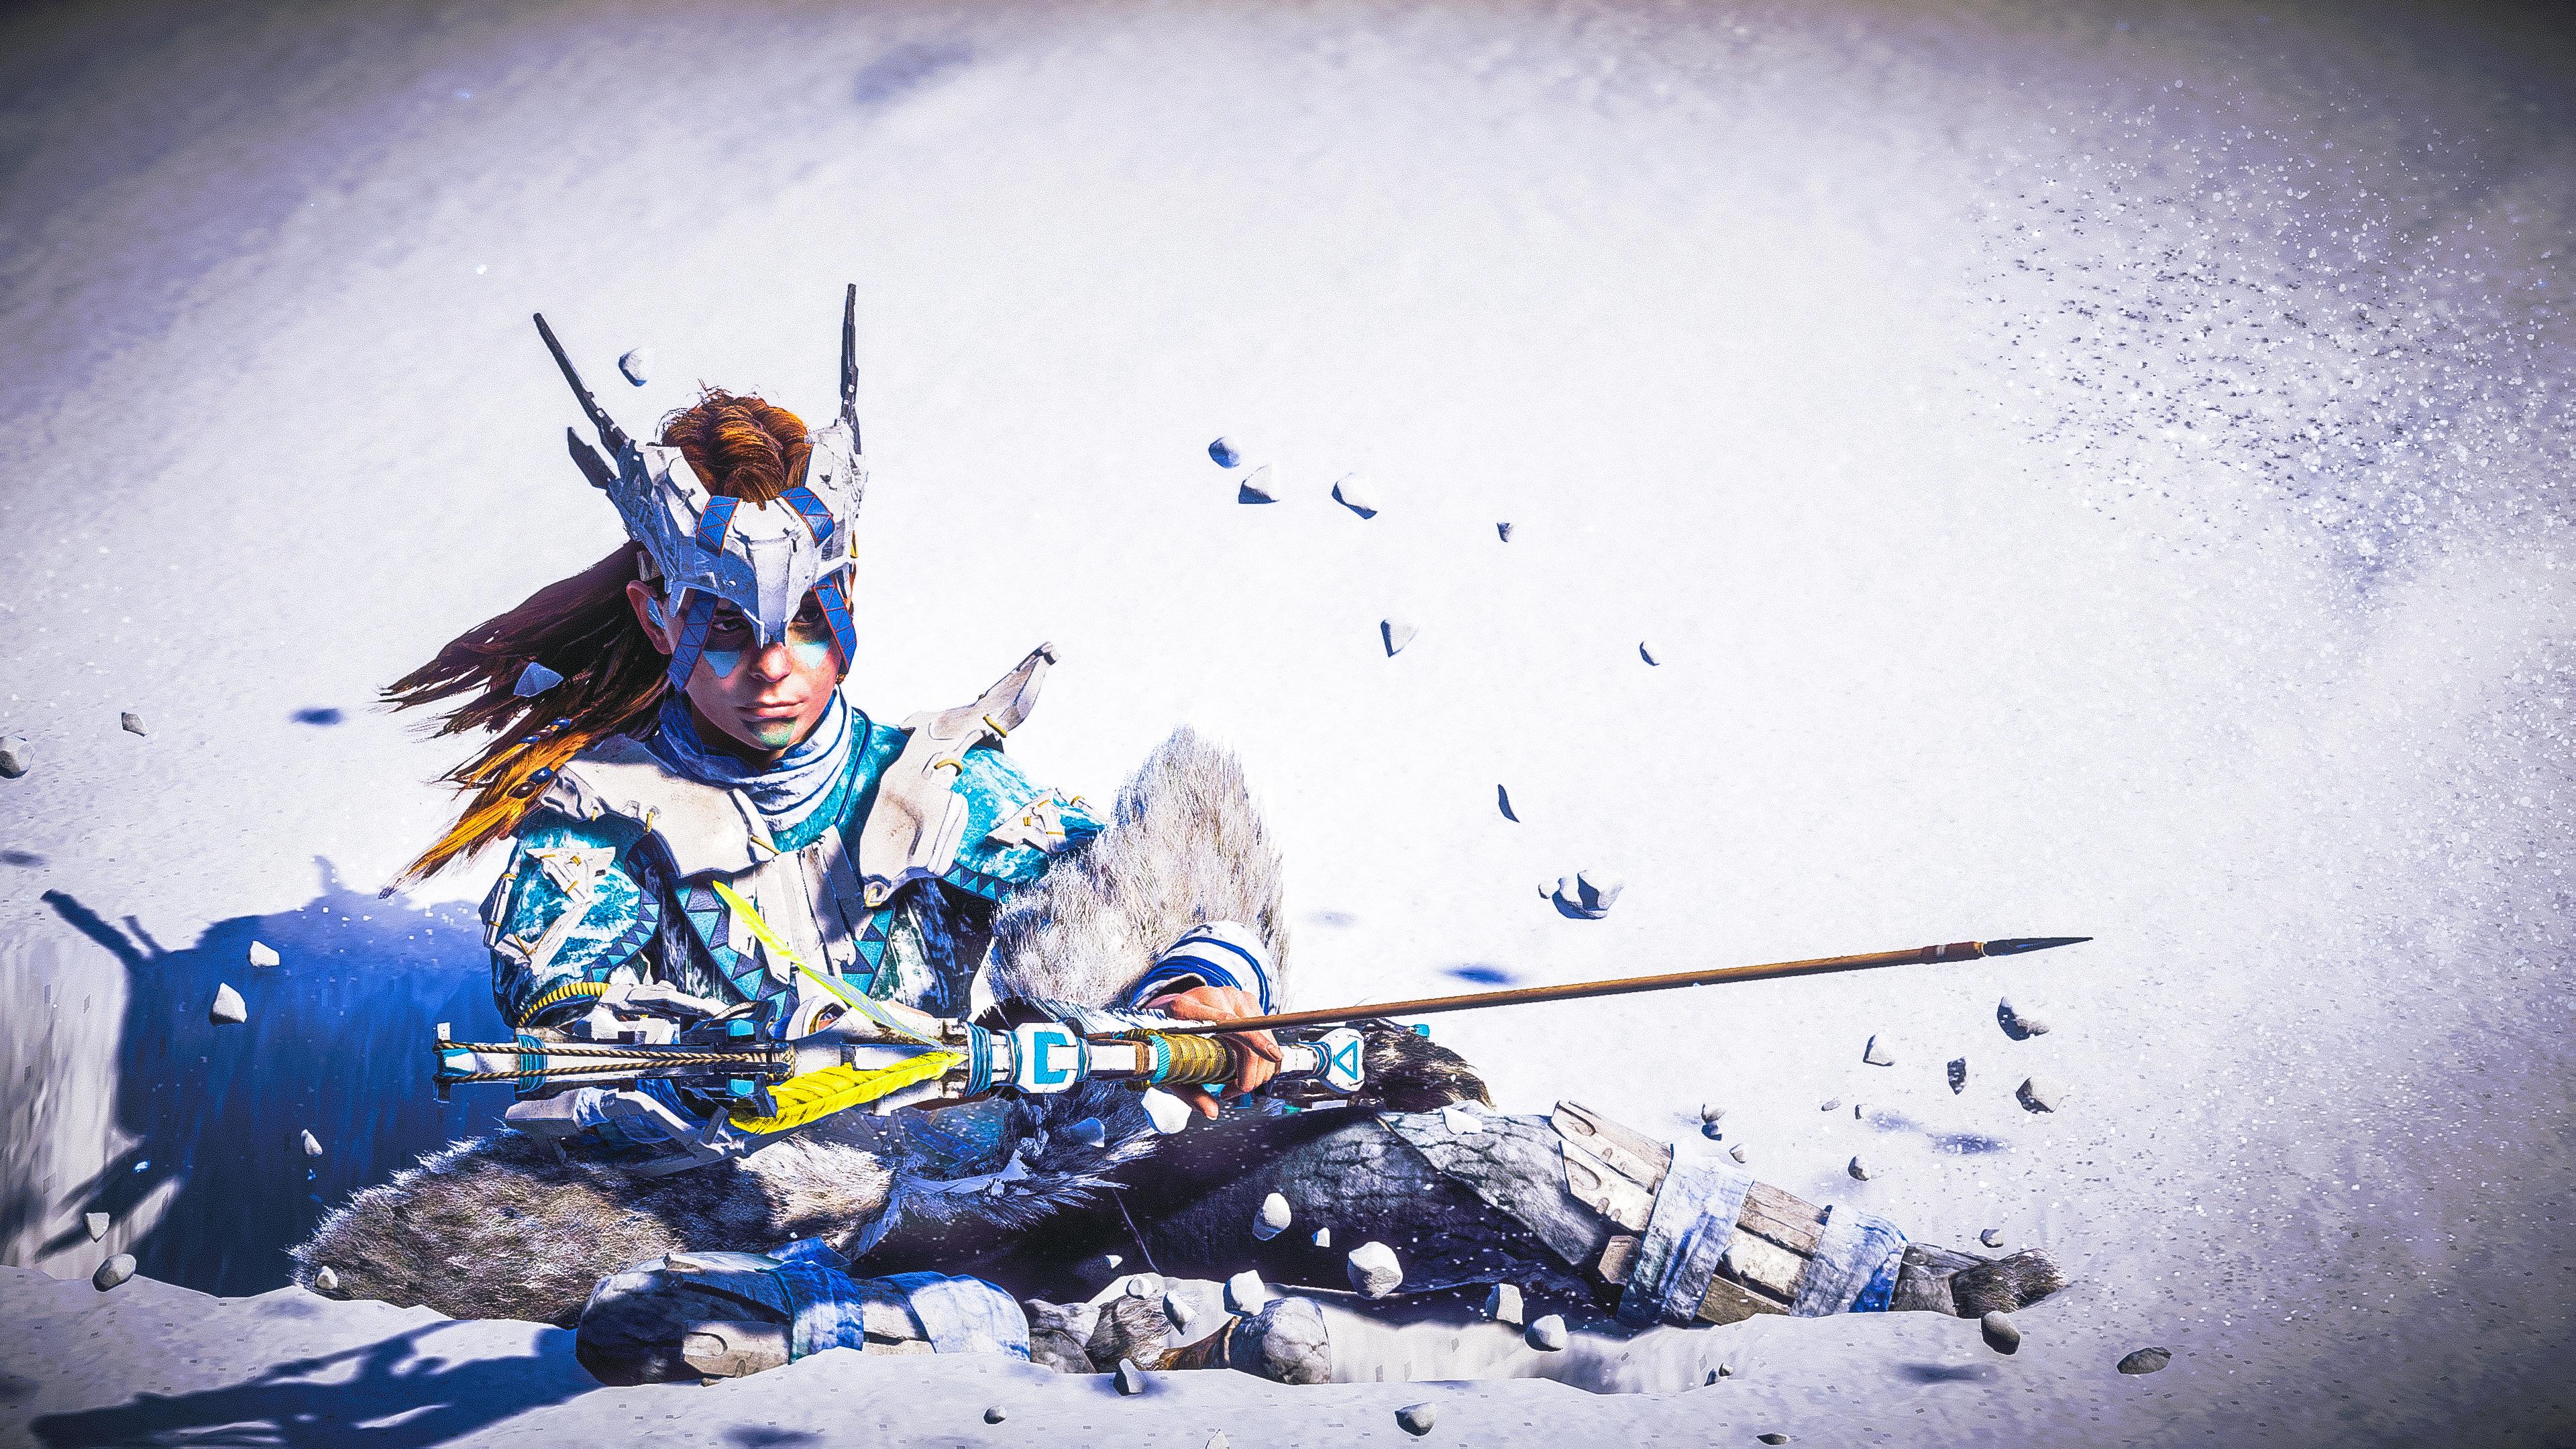 aloy snow archer horizon zero dawn 4k 1558221465 - Aloy Snow Archer Horizon Zero Dawn 4k - xbox games wallpapers, ps games wallpapers, pc games wallpapers, horizon zero dawn wallpapers, hd-wallpapers, games wallpapers, aloy wallpapers, 4k-wallpapers